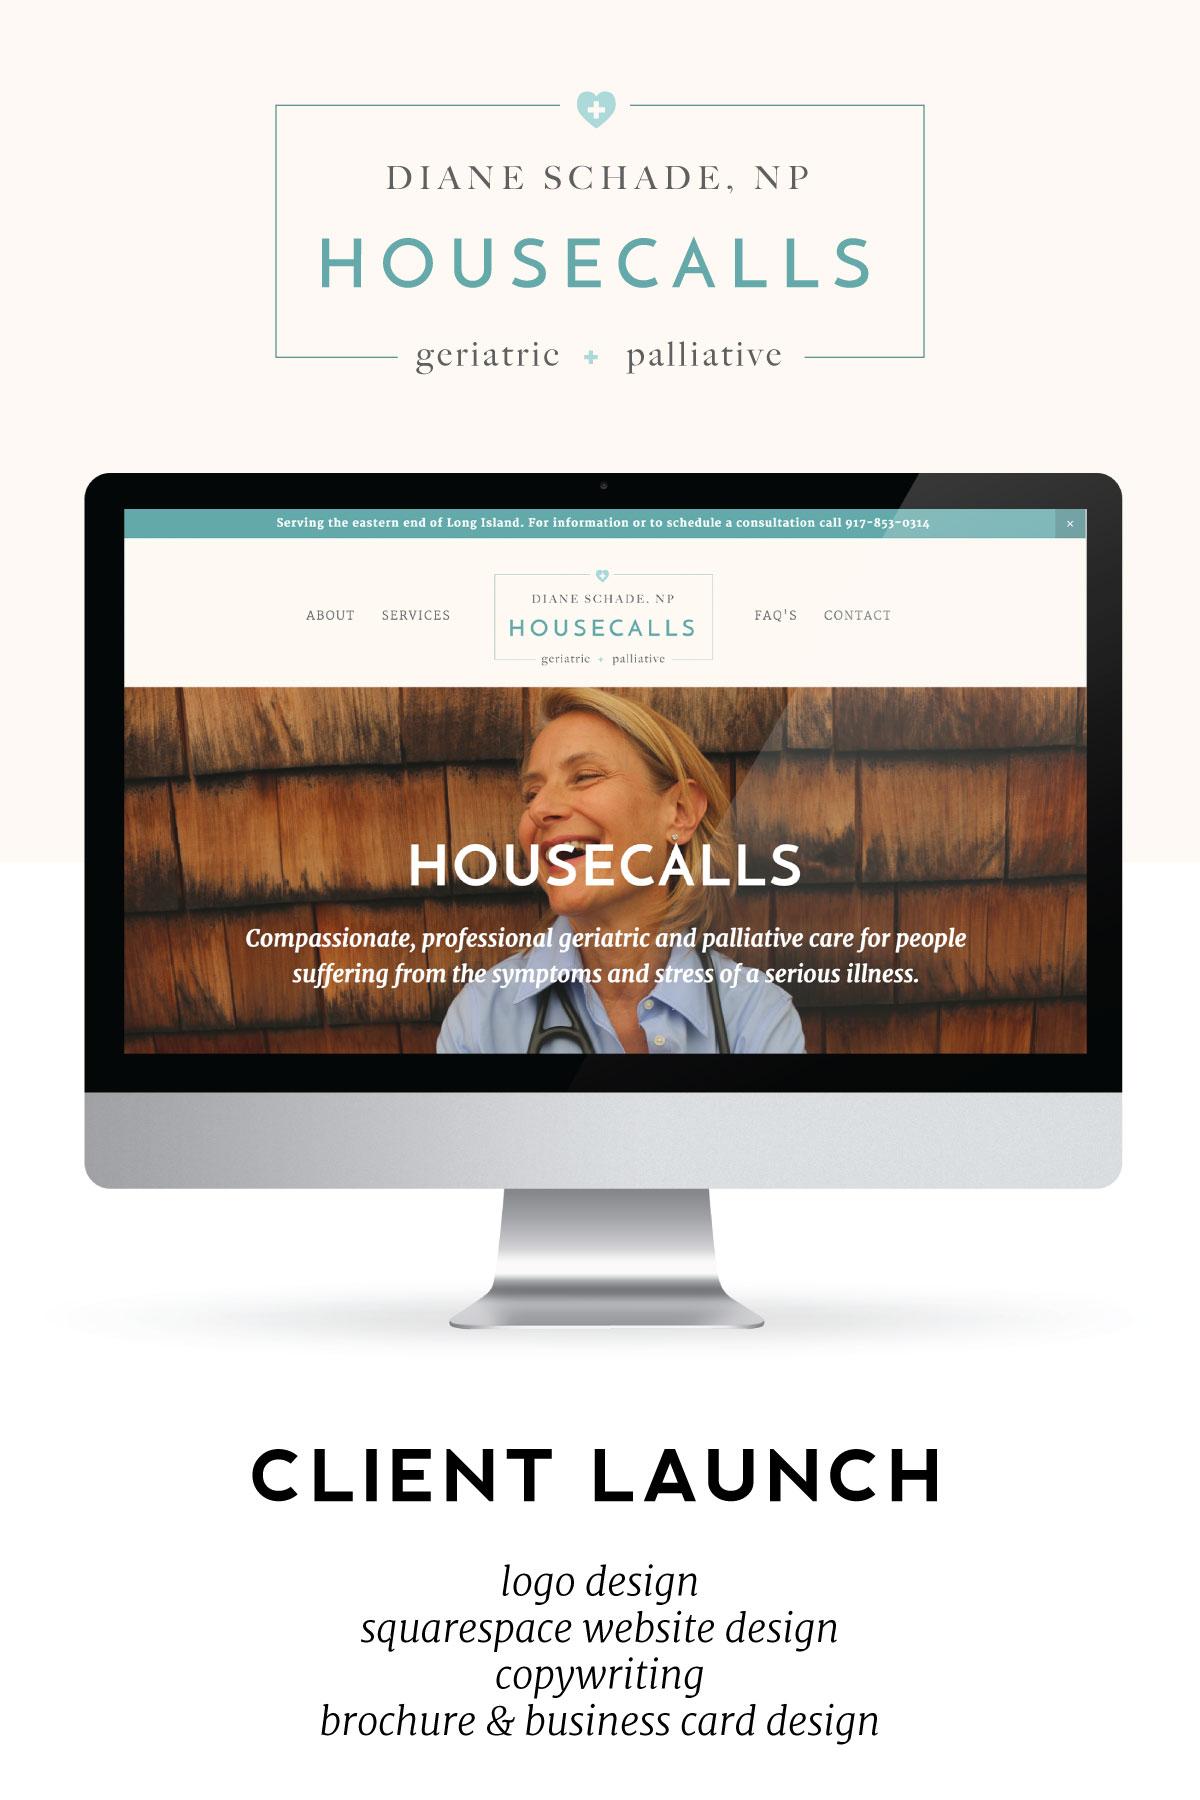 client-launch-DIANE-SCHADE.jpg